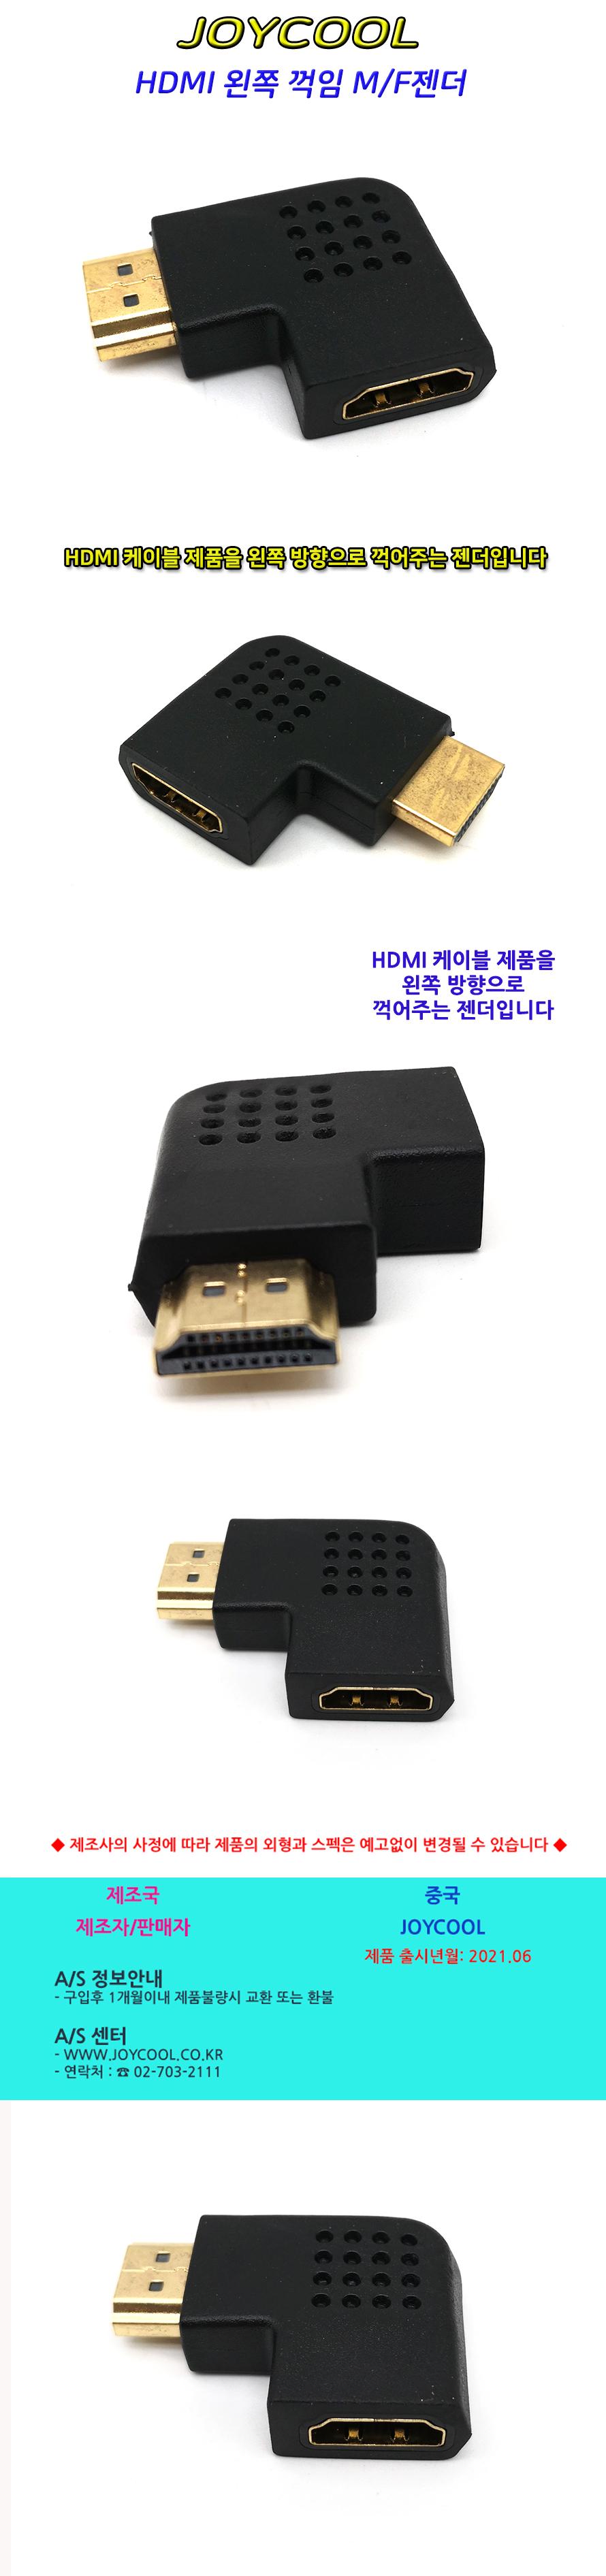 조이쿨 HDMI 왼쪽 꺾임 젠더